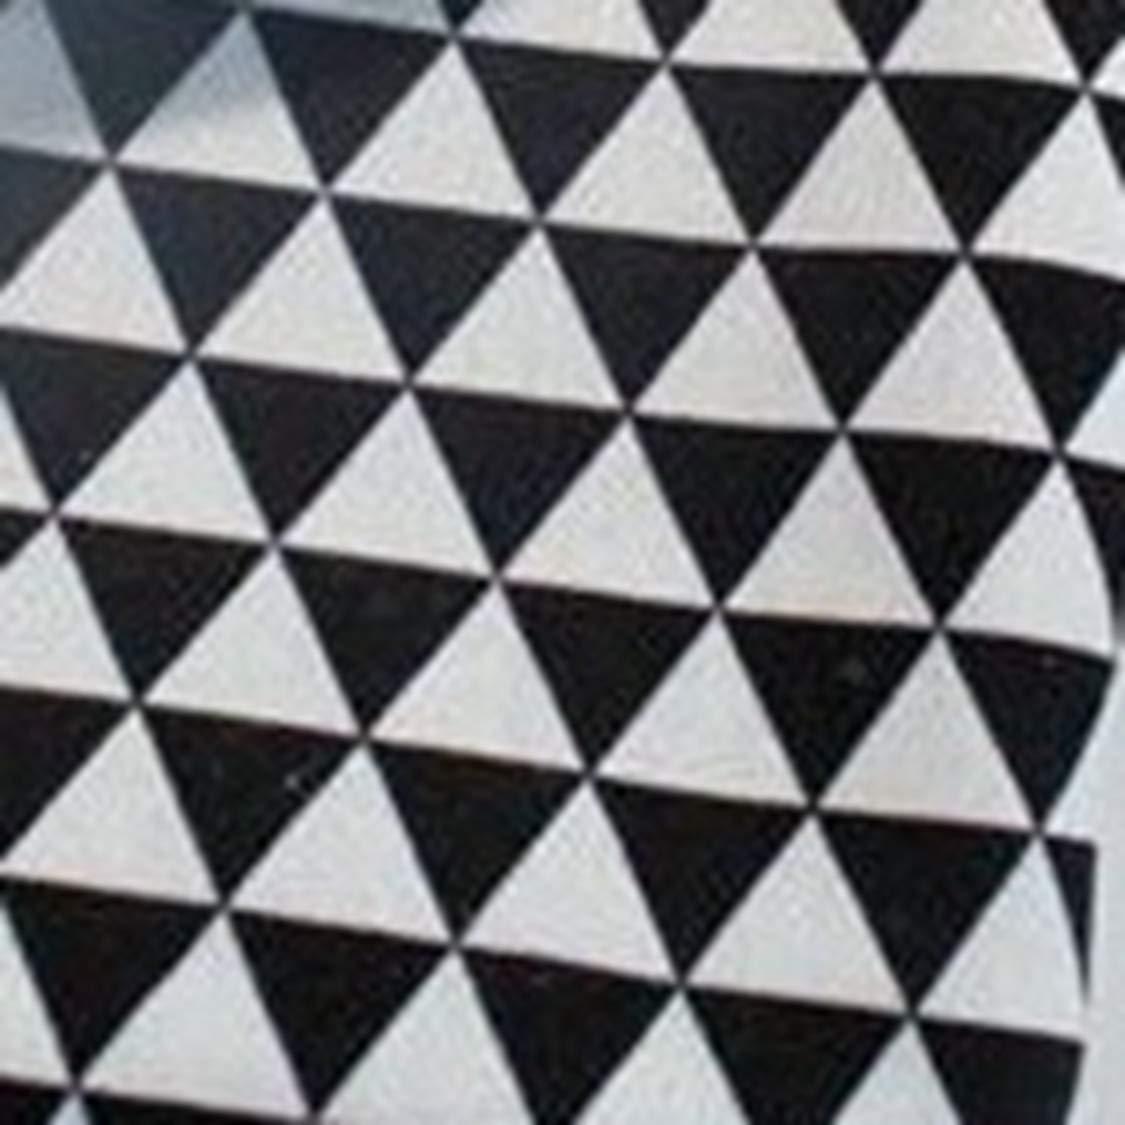 テーブルナプキン 4枚セット 30X40cm 100% コットン クラシックブラックプリント キッチンタオル クリーニングクロス ティータオル 超耐久性 ブラック DJH170  ブラック B07H1BKNDR